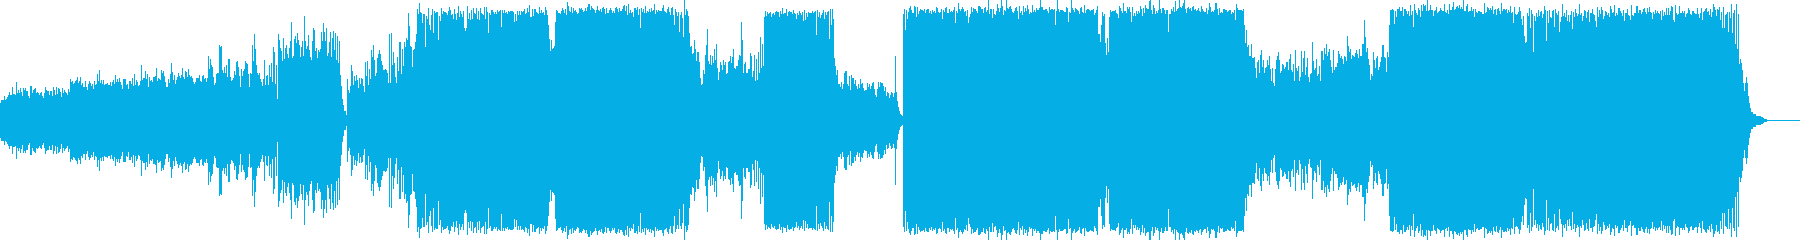 ピアノメインのドラマテックなトランスの再生済みの波形